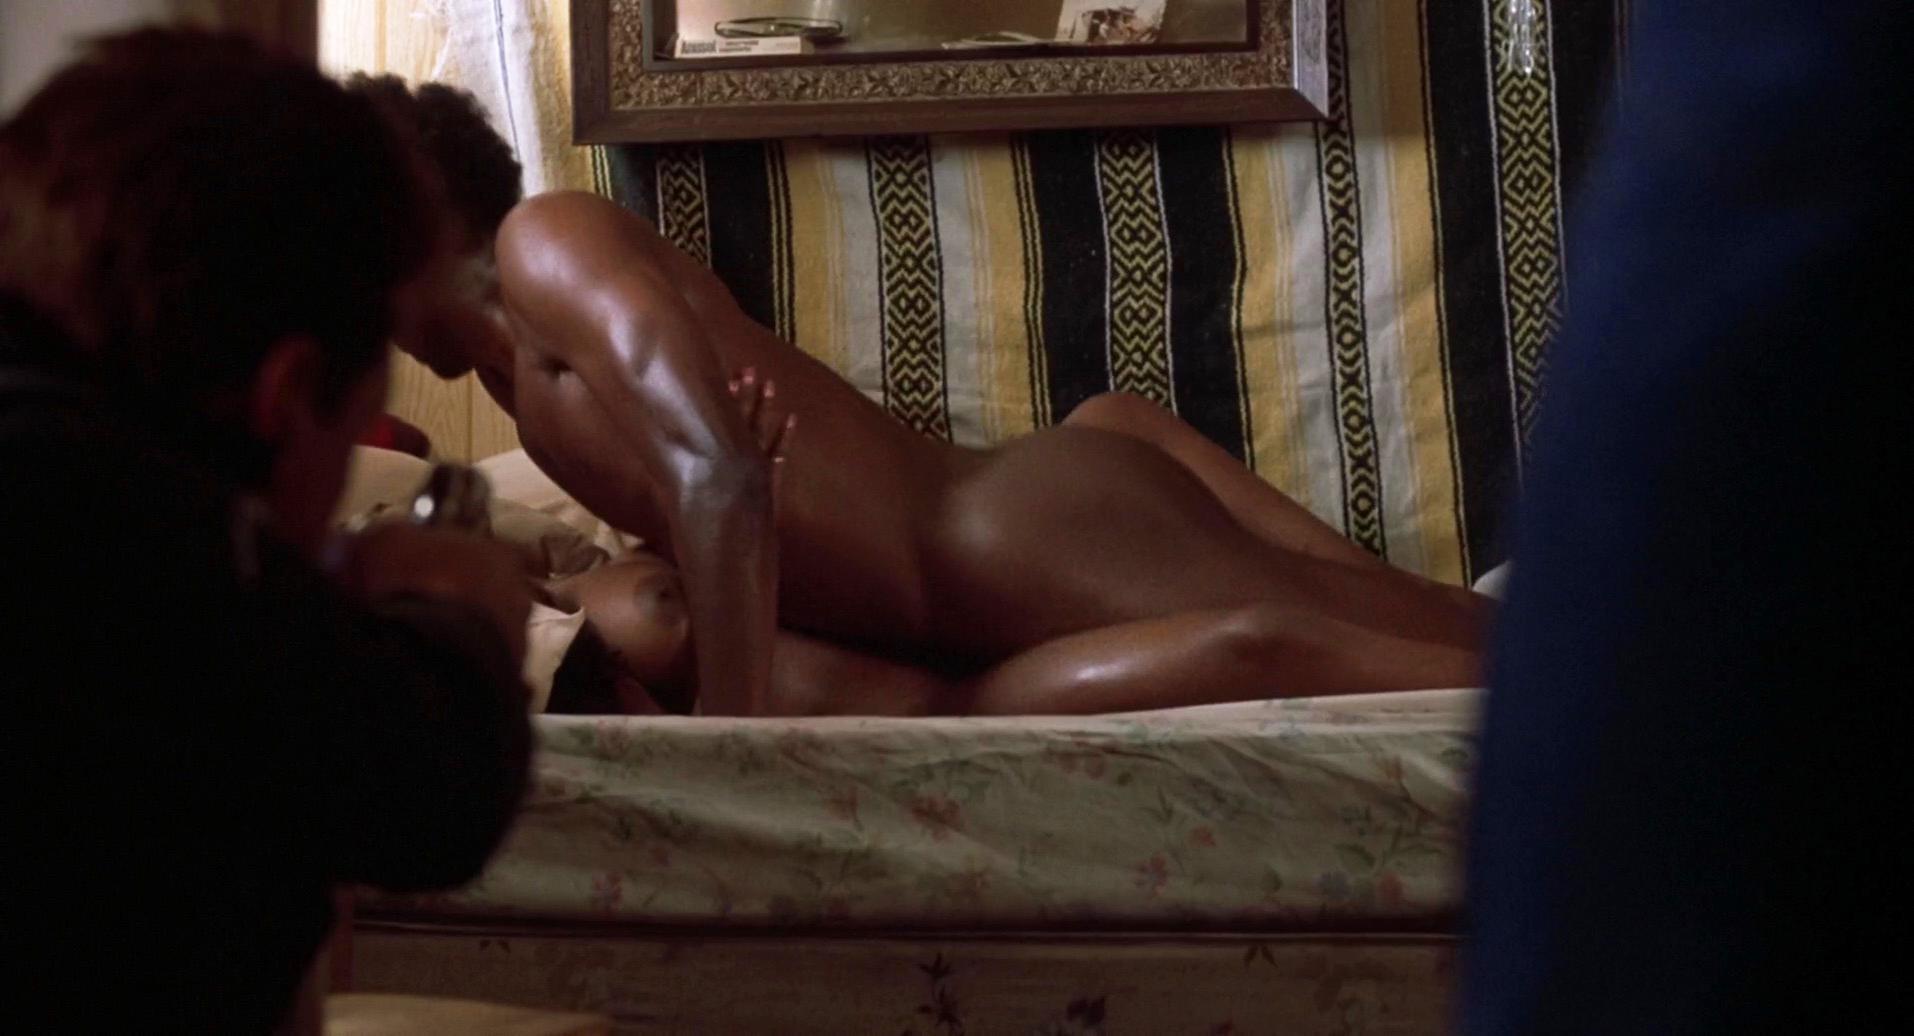 Free mature amateur shower sex videos